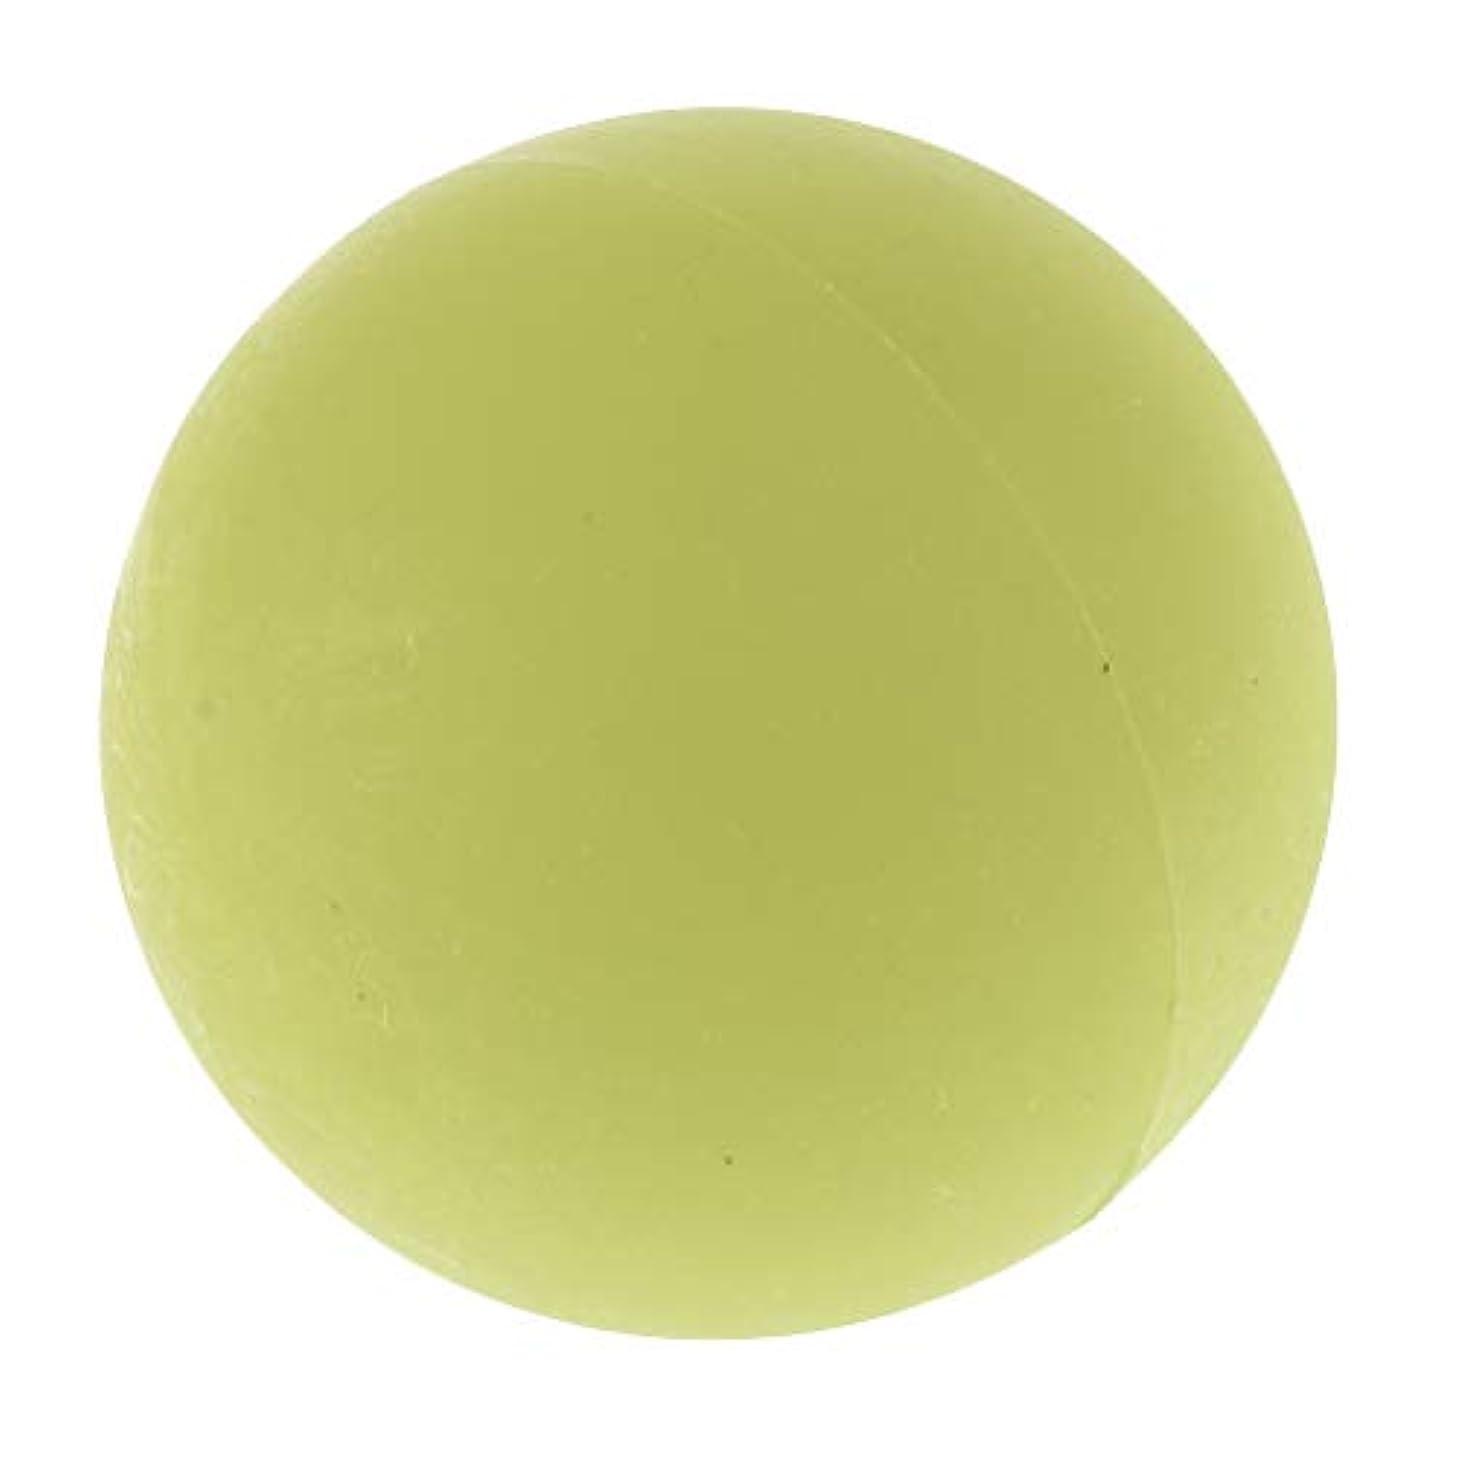 恐竜セーブ祖母エクササイズ 筋膜リリース マッサージボール トレーニングボール ソフトボール ツボ押しグッズ 全4色 - 緑